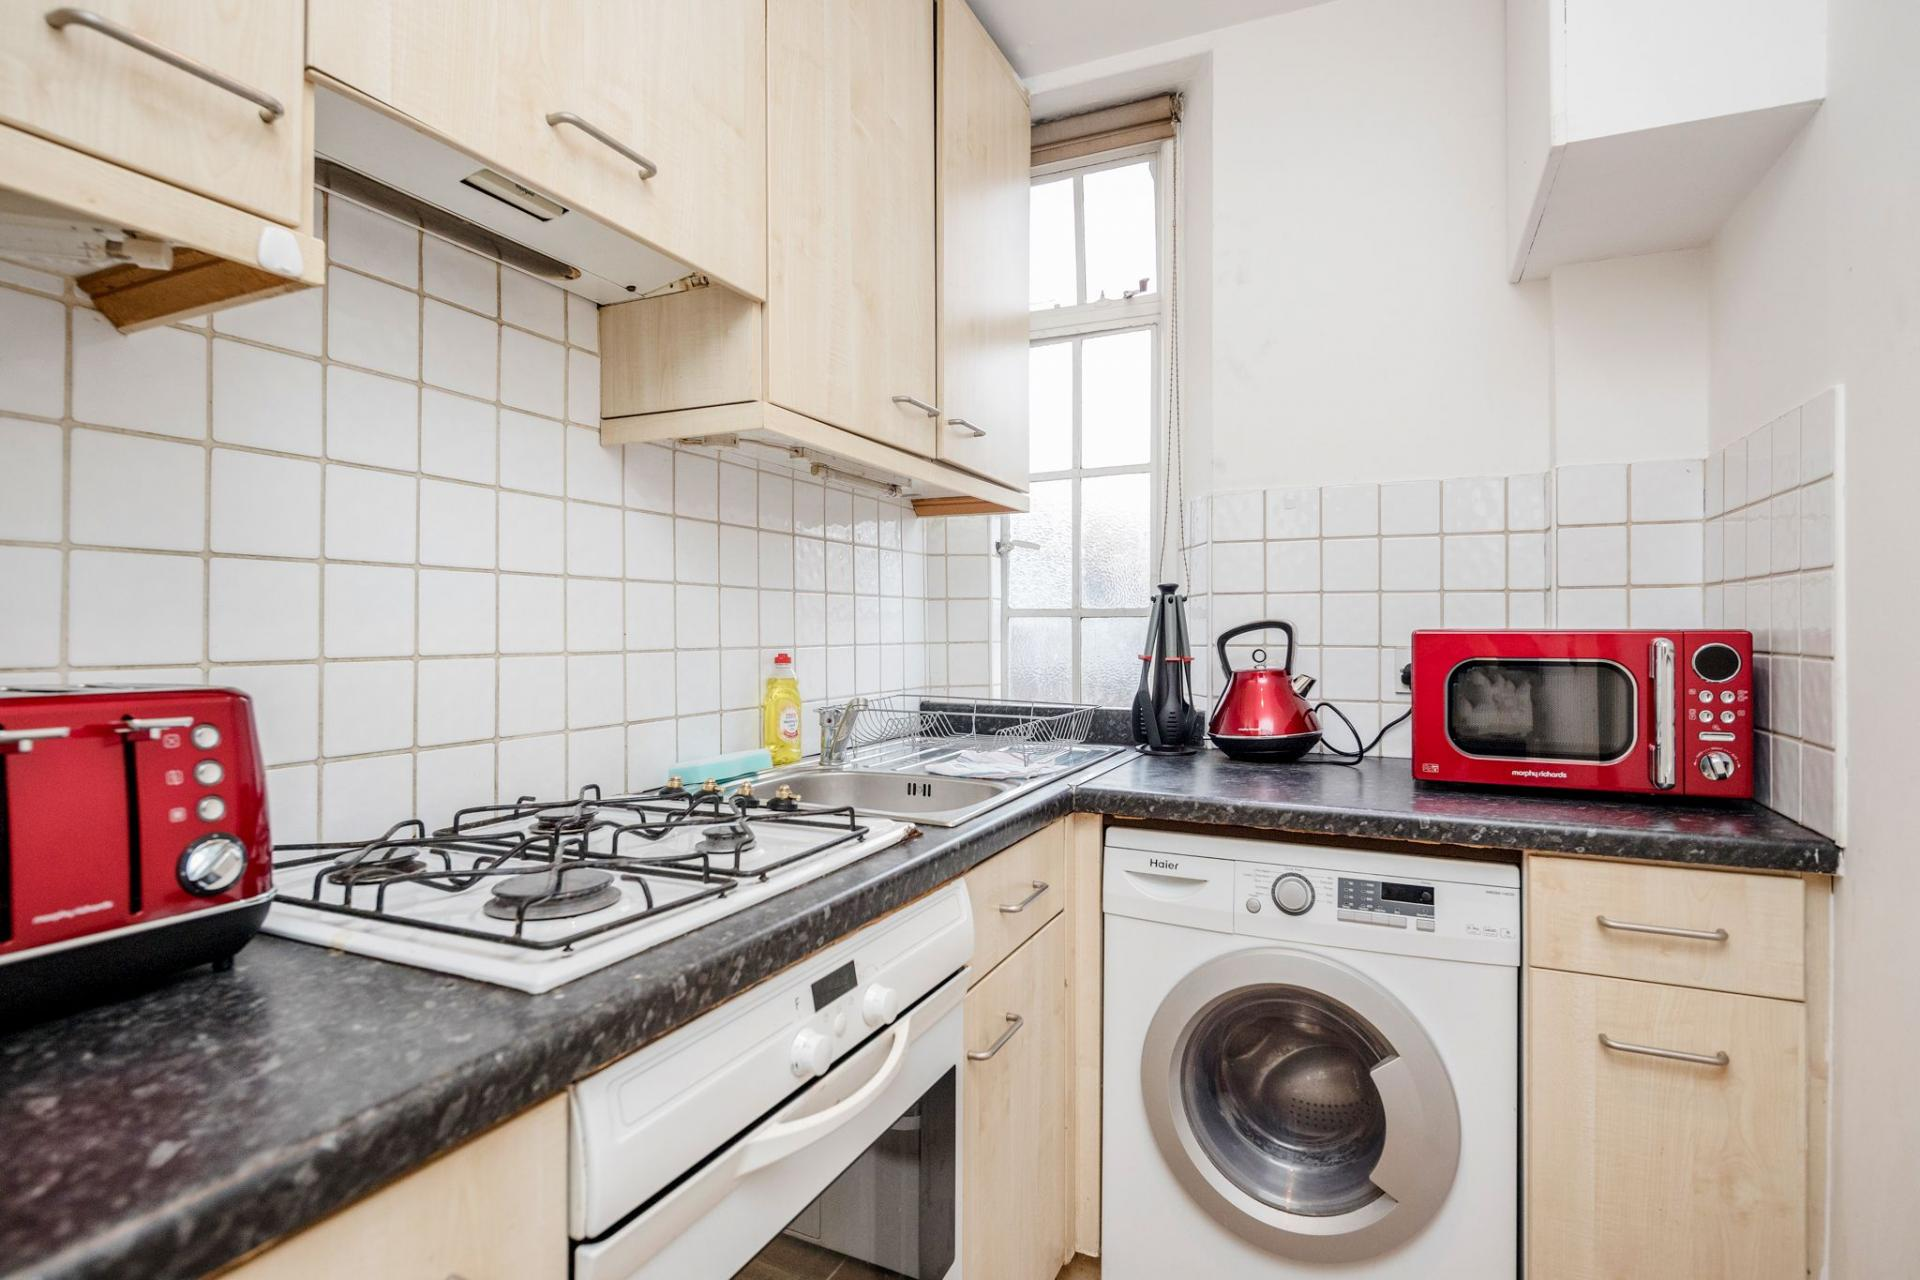 Kitchen at Marylebone Luxury Apartments, Marylebone, London - Citybase Apartments